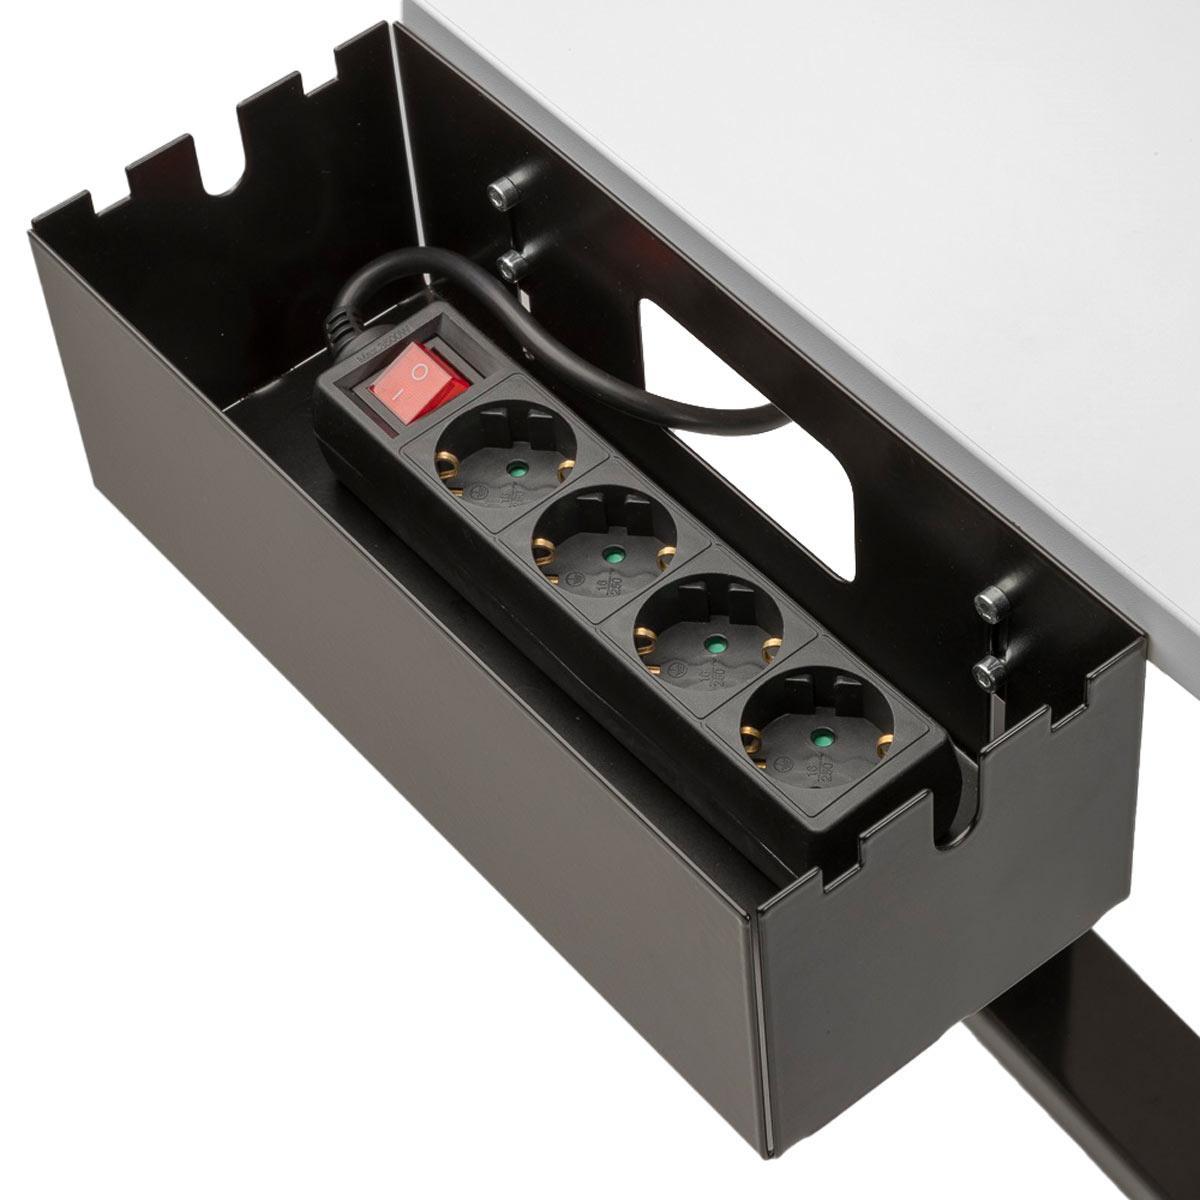 Multibox S mit Mehrfachsteckdose befüllt